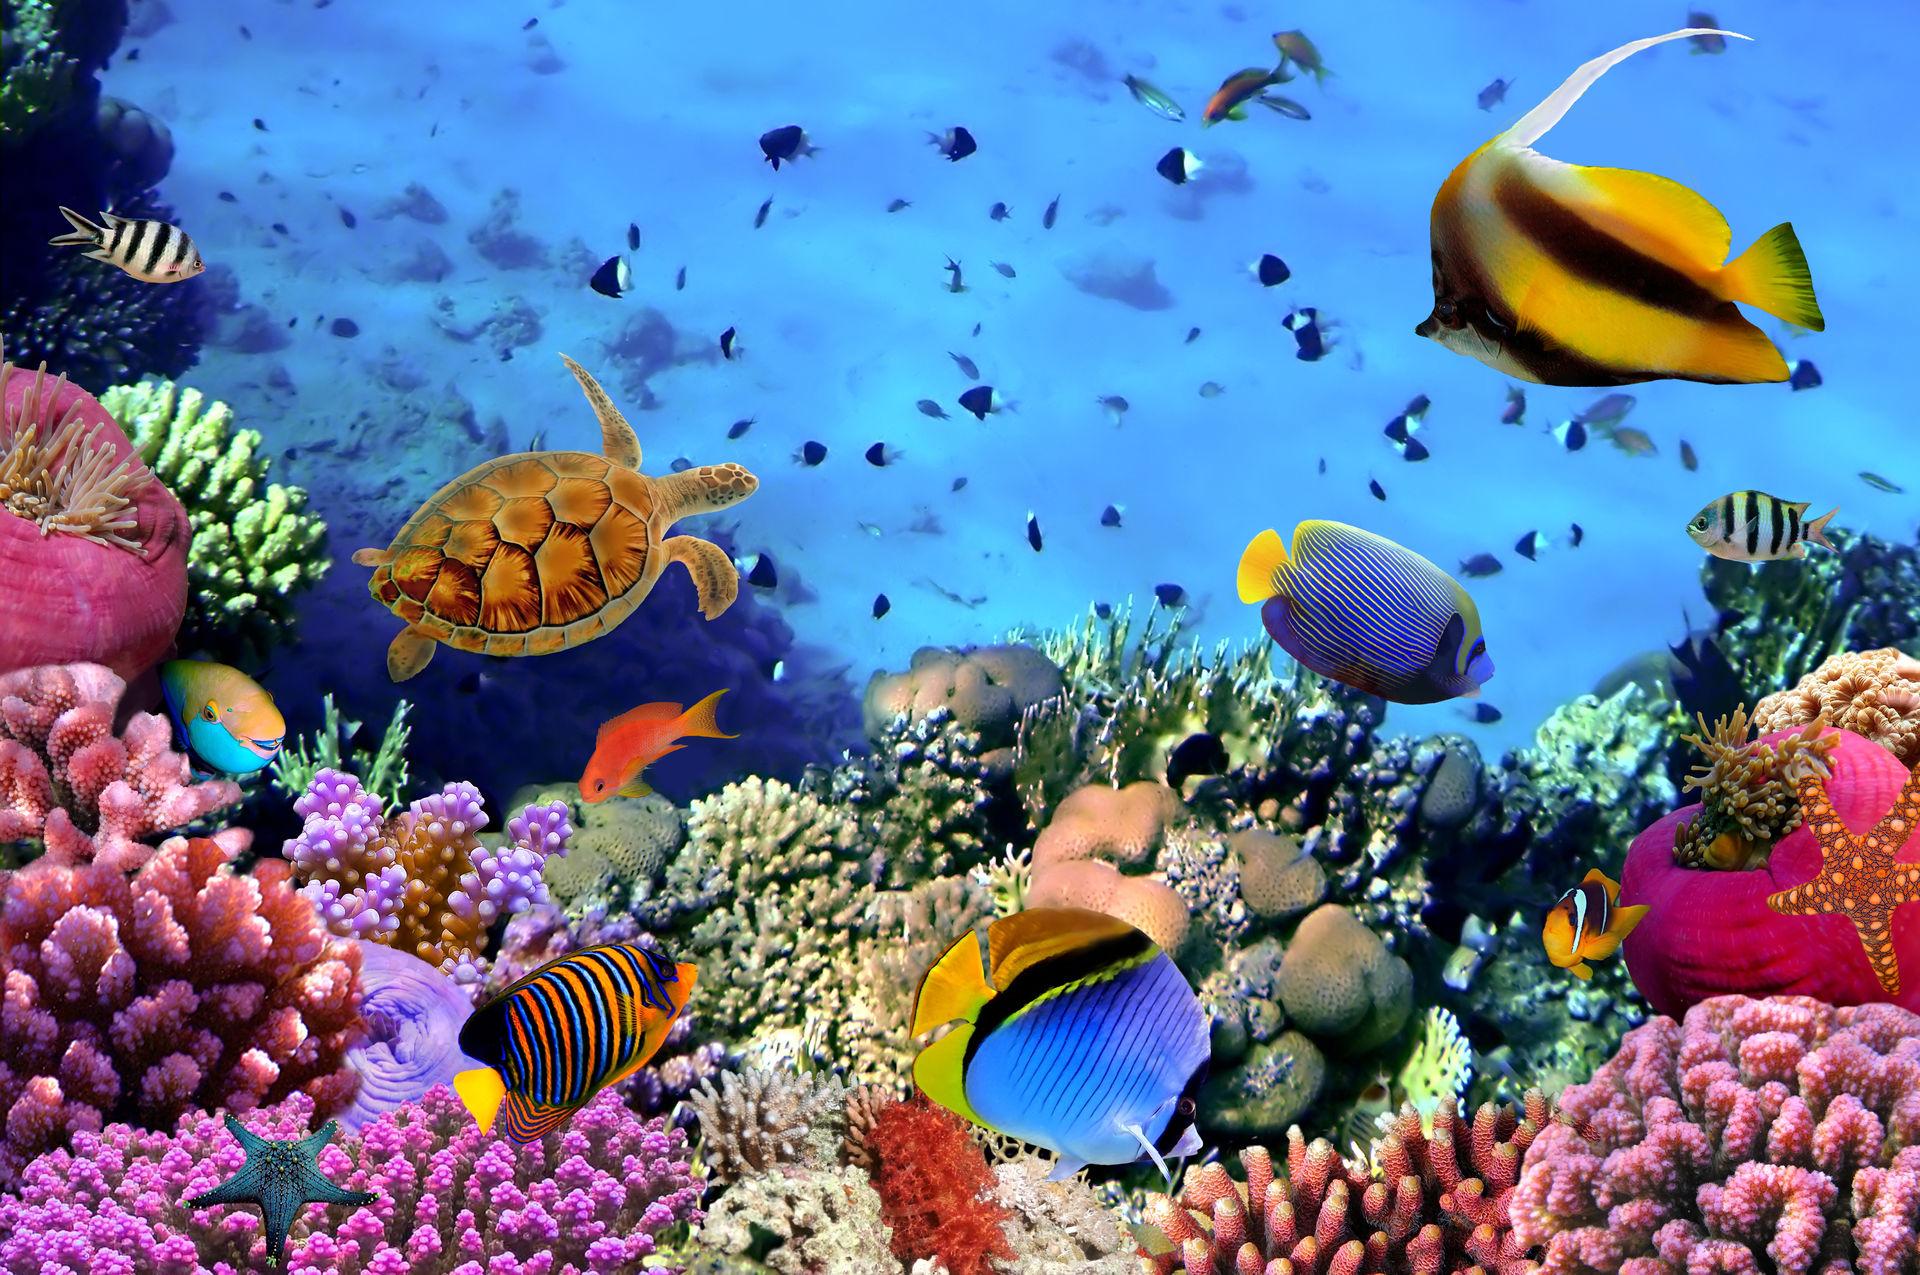 Шаркс-Бей - Описание Шаркс-Бей, пляжи, отели, отдых, развлечение - Авантаж-тревел